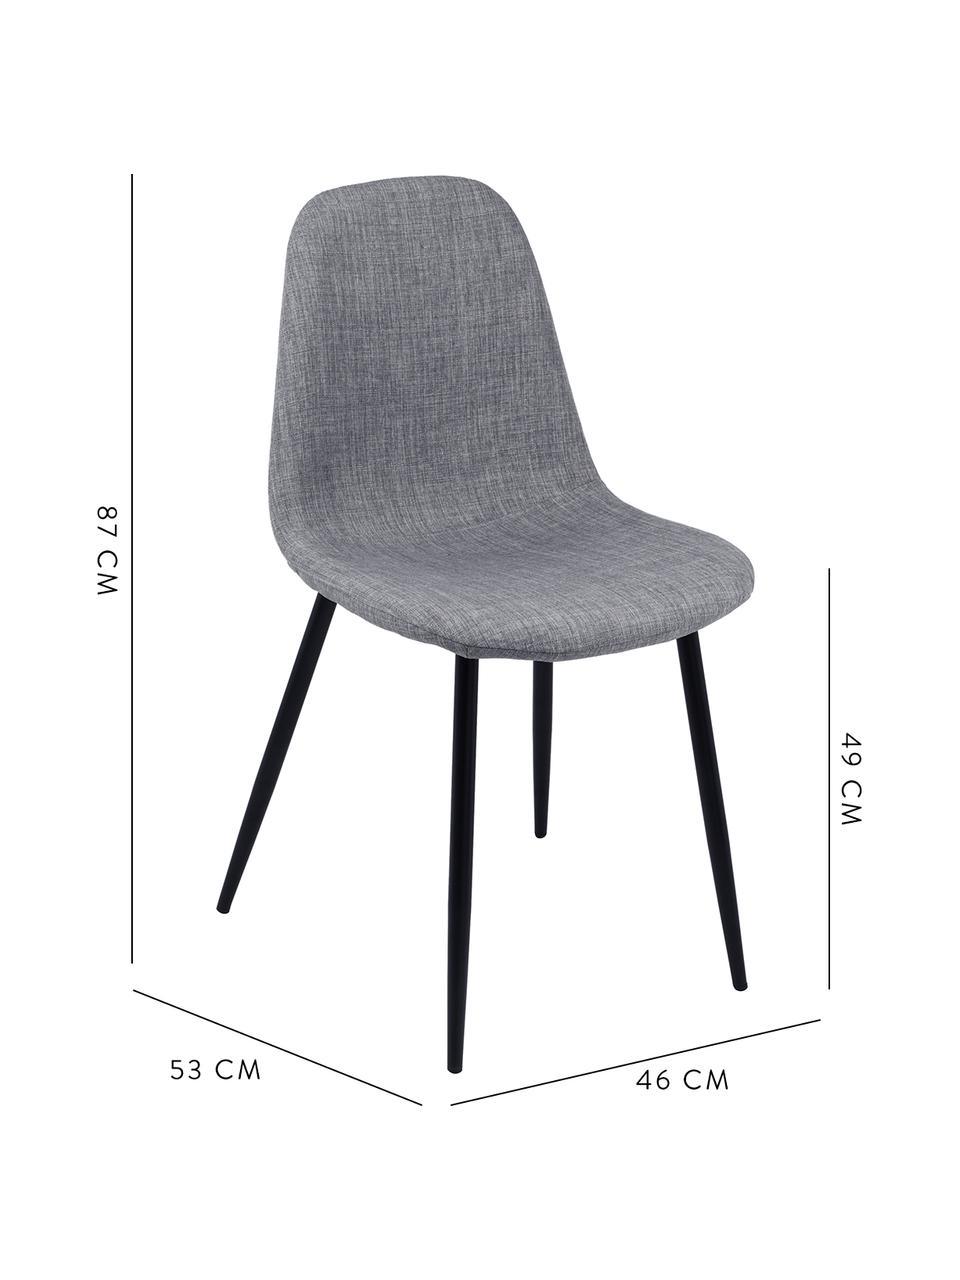 Polsterstühle Karla, 2 Stück, Bezug: 100 % Polyester, Füße: Metall, Webstoff Hellgrau, Beine Schwarz, B 44 x T 53 cm